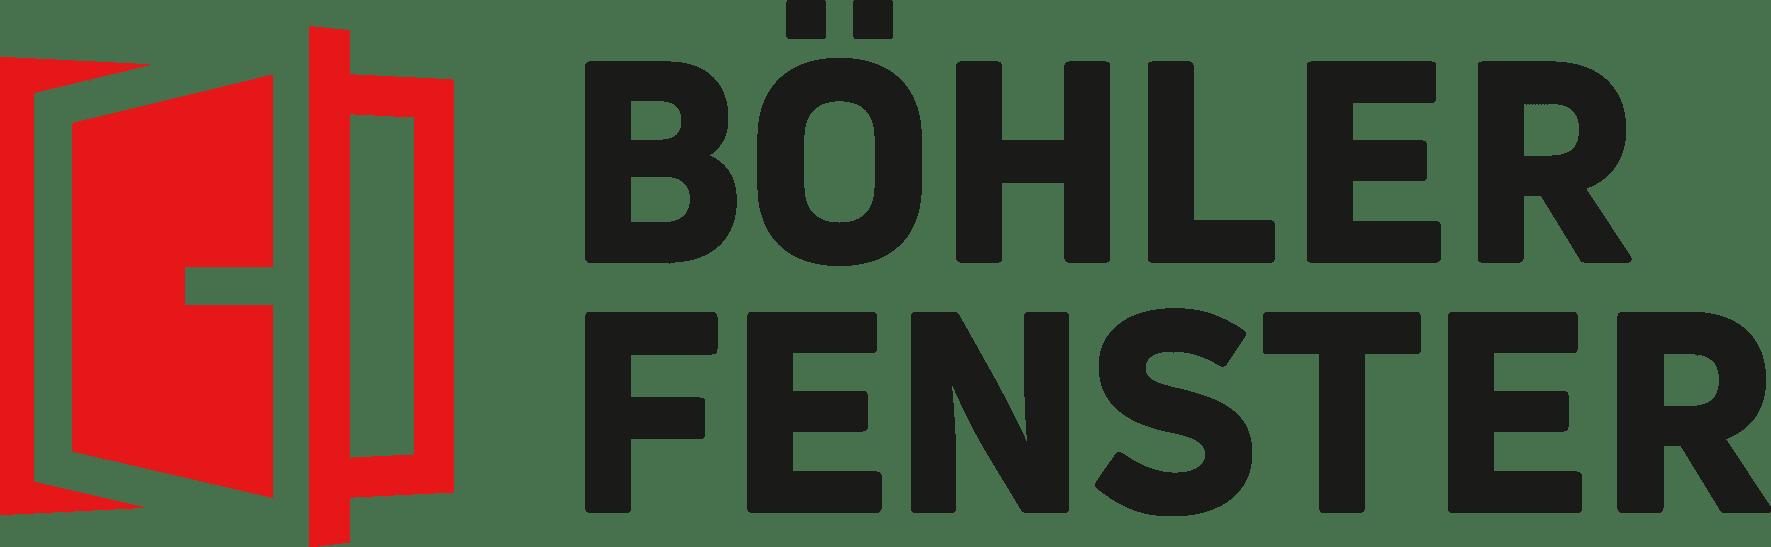 logo böhler fenster